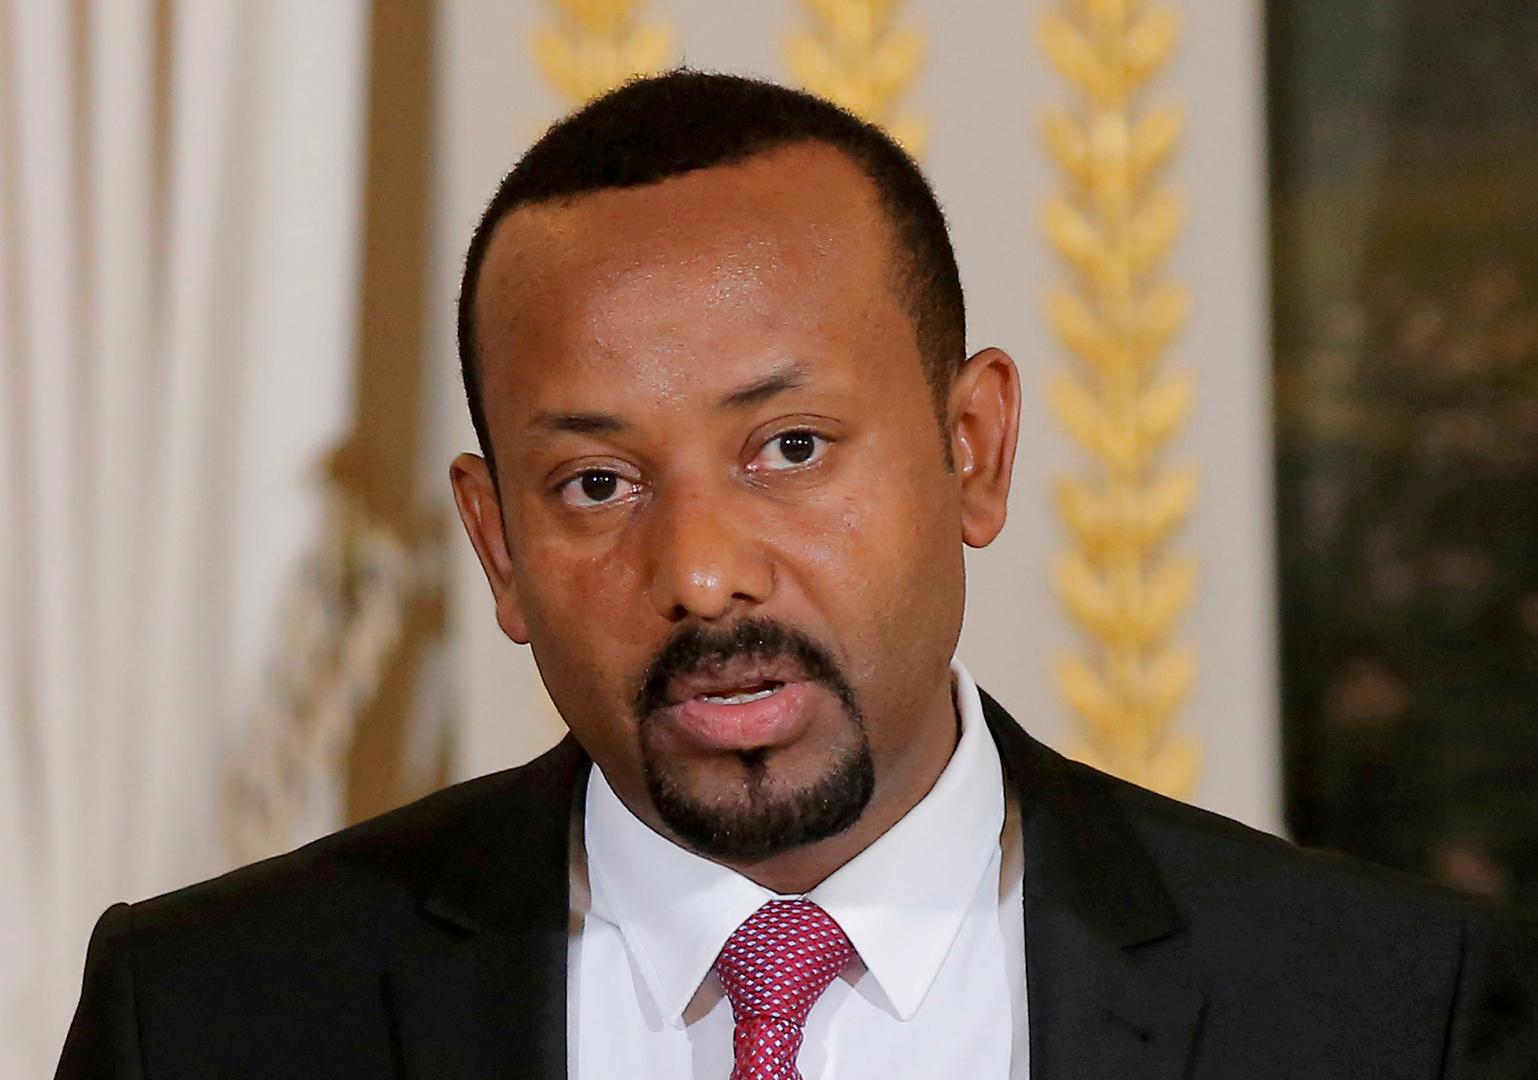 حكومة إثيوبيا تعلن أنها أطلقت النار على فريق الأمم المتحدة في تيغراي لمخالفته التعليمات